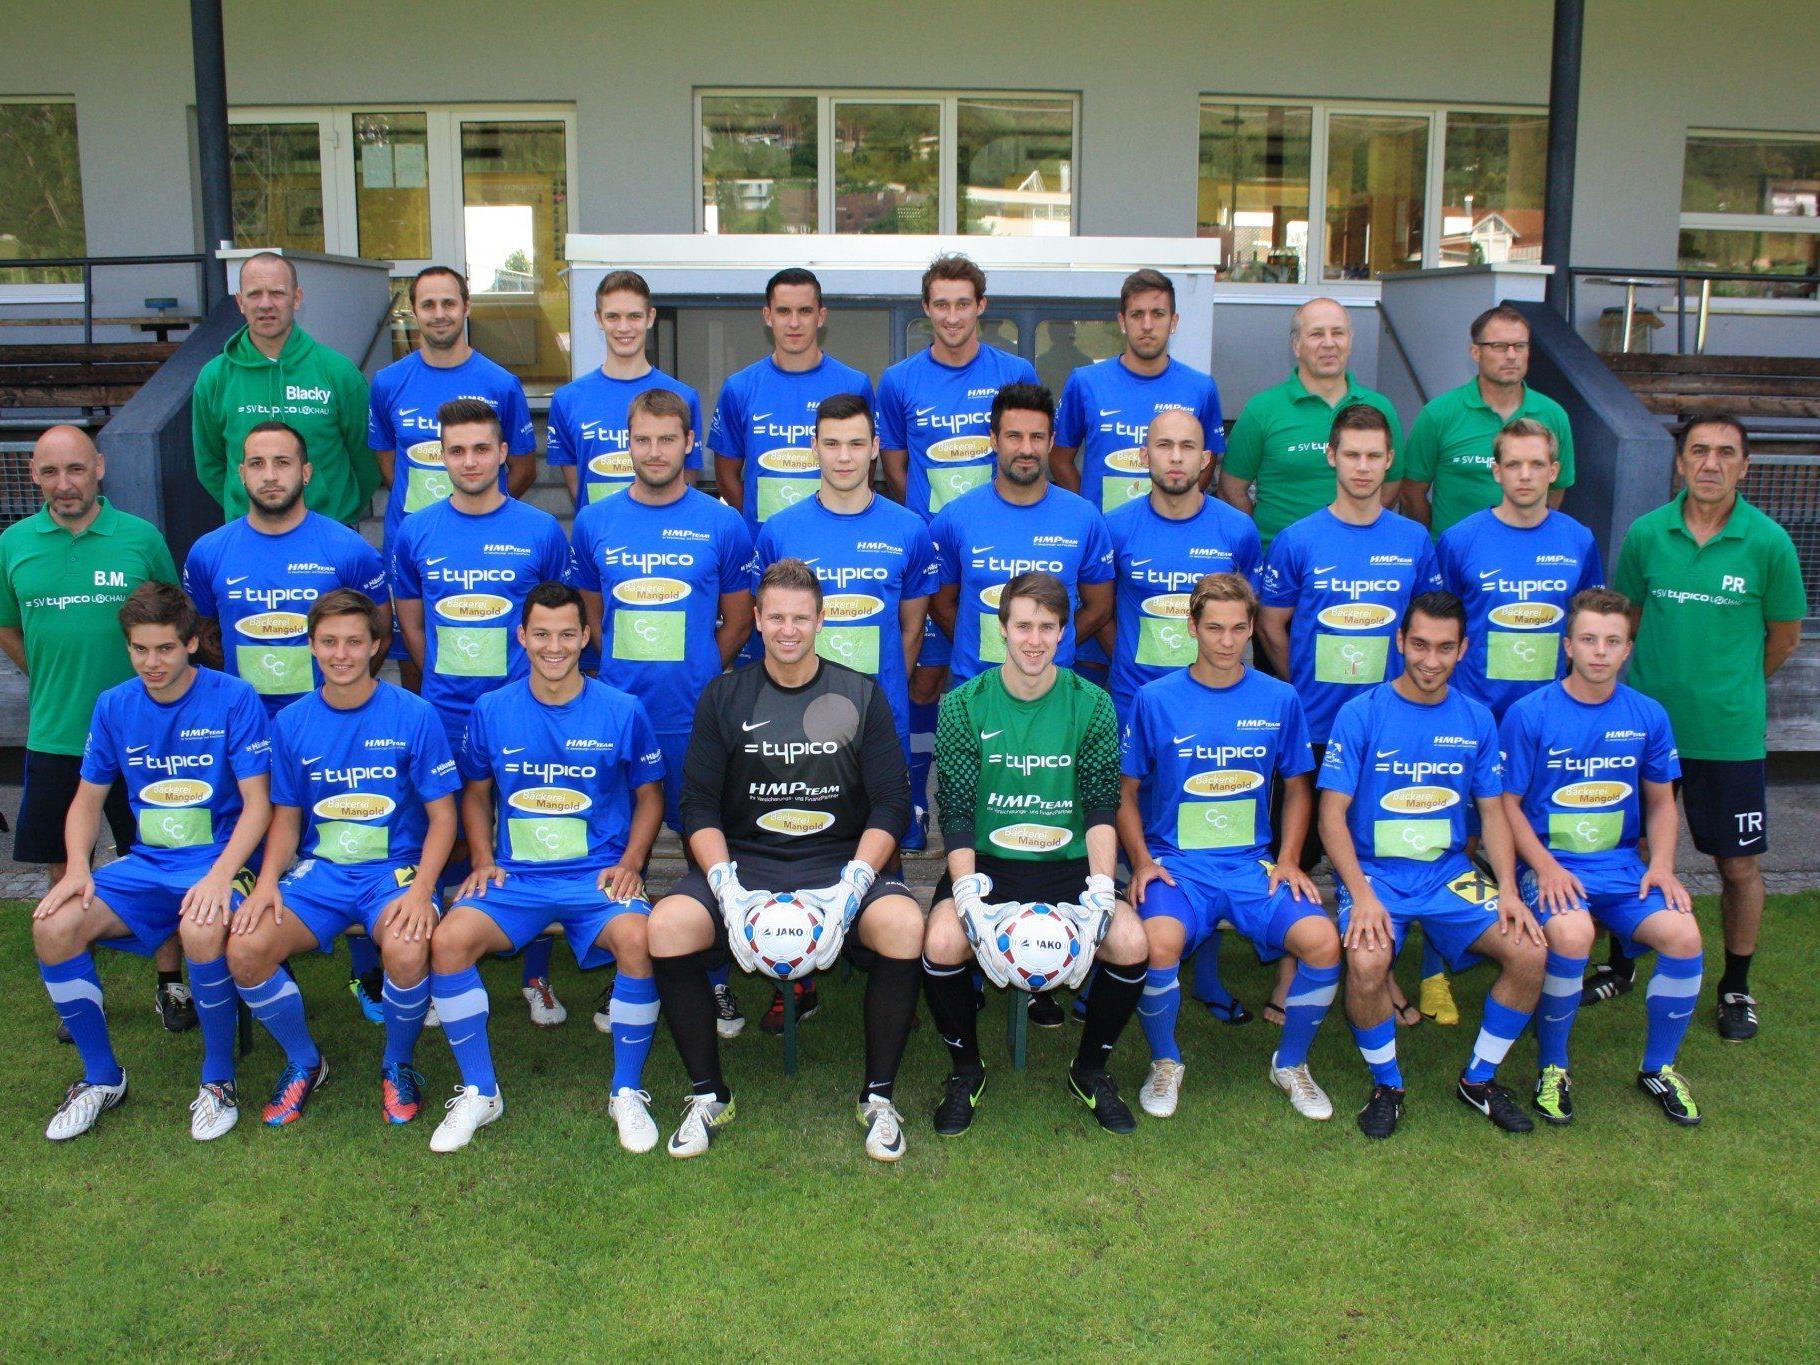 Die Kampfmannschaft des SV Typico Lochau spielt am Samstag gegen den FC Götzis.